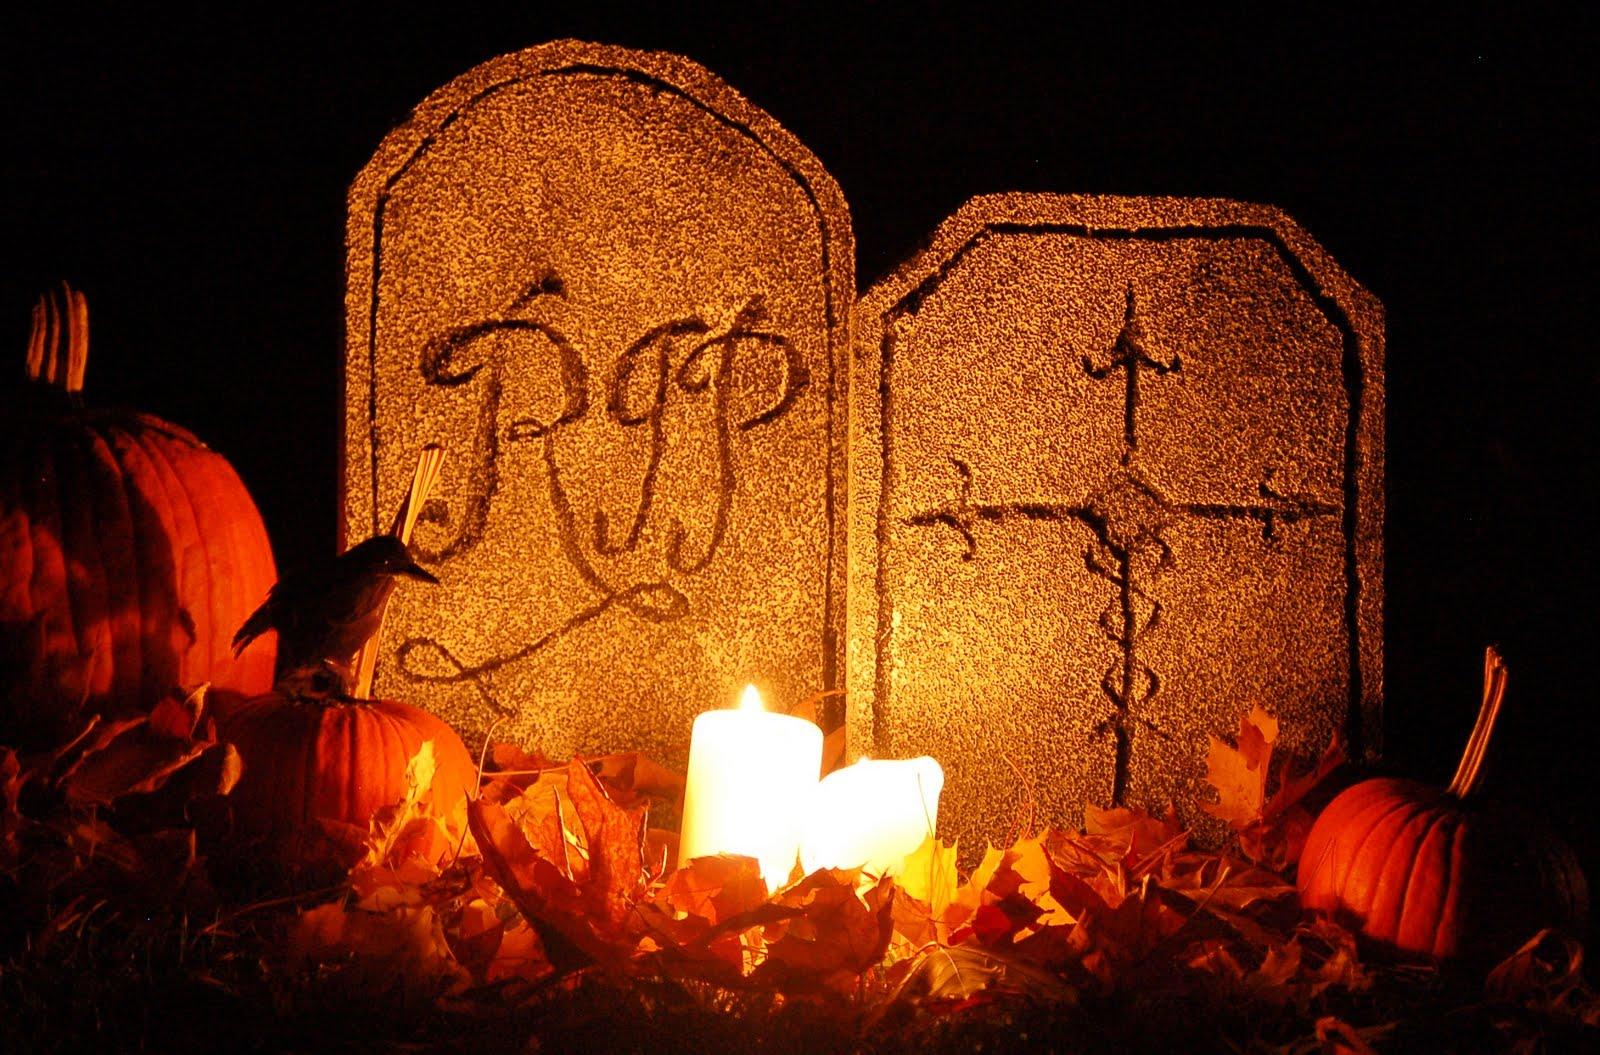 http://2.bp.blogspot.com/-Qm8QBi4WWkI/TlL3gSOTKOI/AAAAAAAAJJ0/APcPqhzqUlk/s1600/Tombstones+-+Beauty+Shot+1.JPG